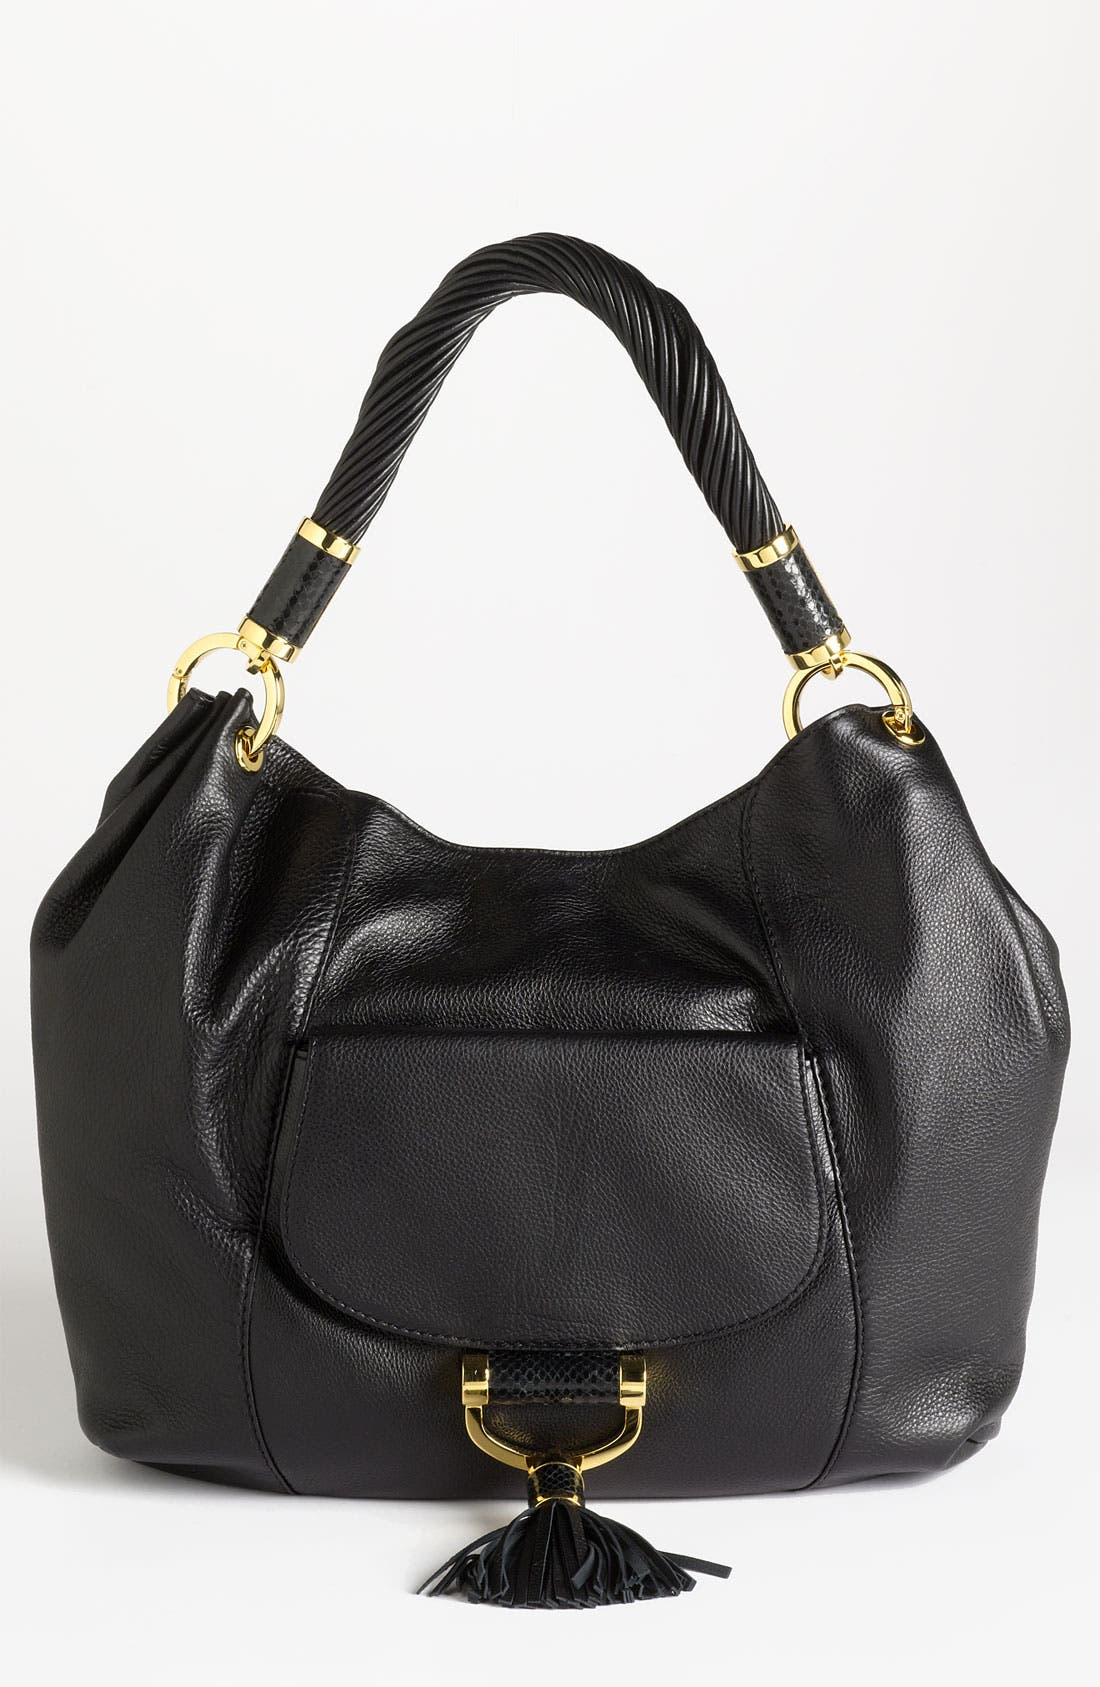 Alternate Image 1 Selected - Michael Kors 'Tonne' Leather Shoulder Bag